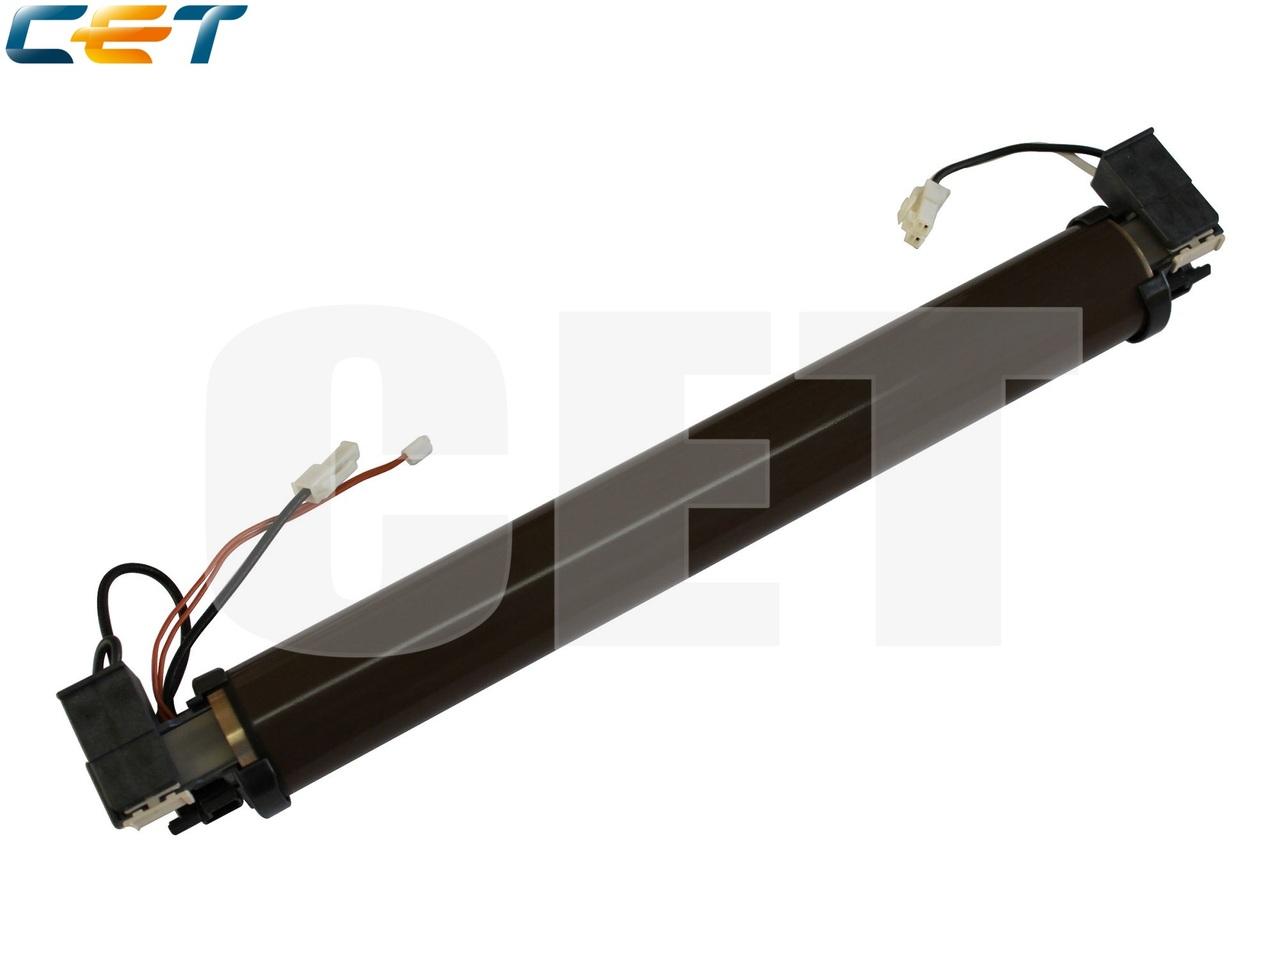 Нагревательный элемент в сборе с термопленкой для HPLaserJet 4250/4350 (CET), CET6891